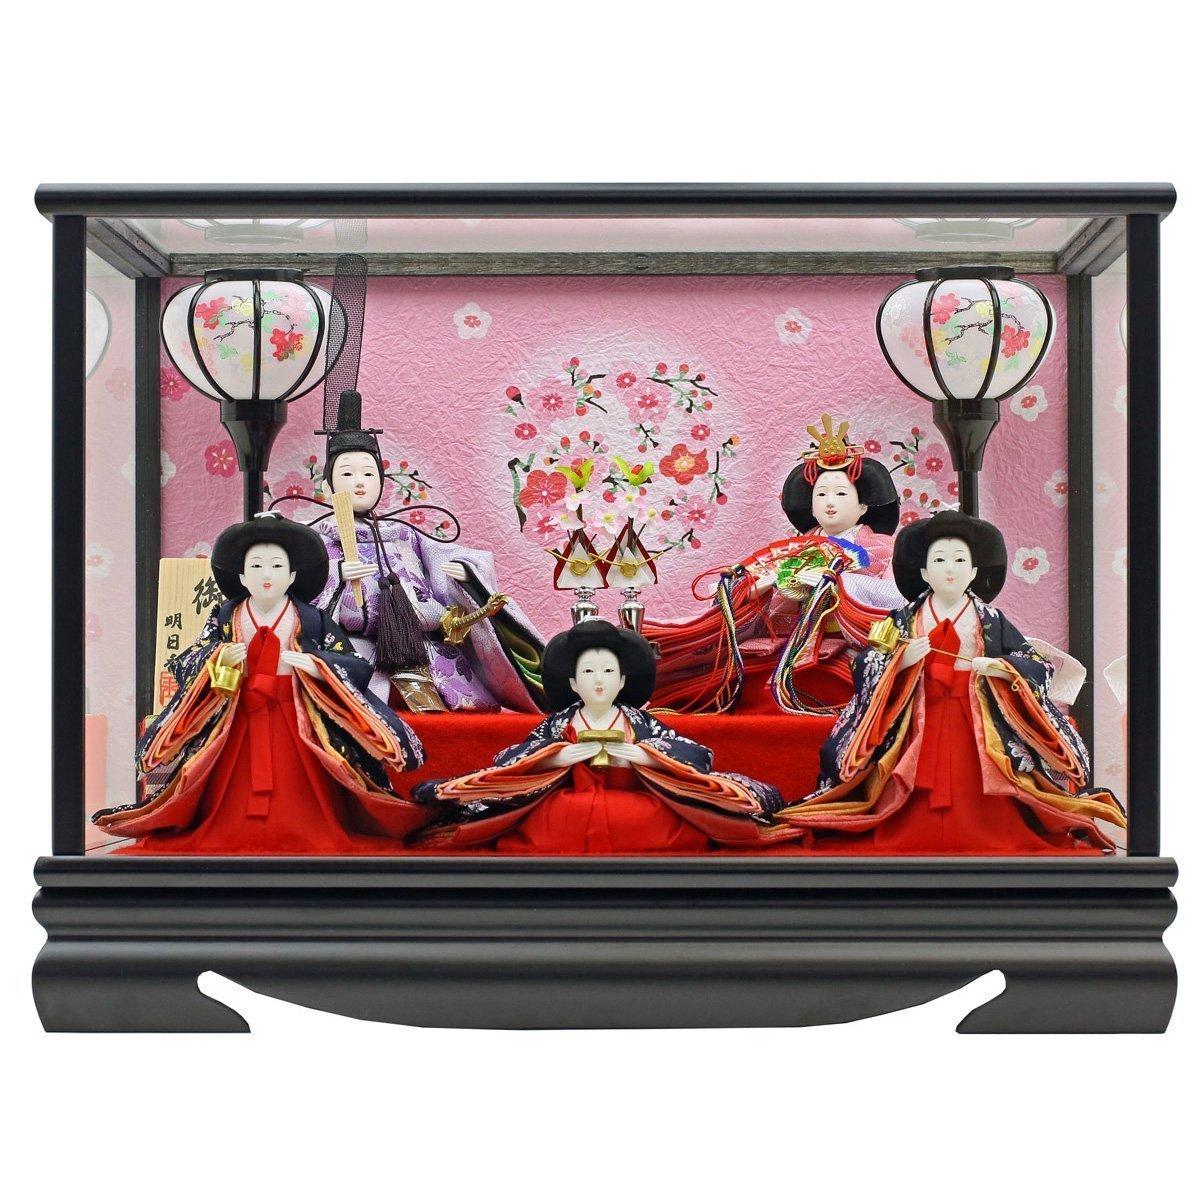 人形工房天祥 雛人形 ケース飾り 親王飾り 衣装着「親王飾り 春菜雛」 横幅43×奥行30×高さ30(cm) 15ao-haru-a   B00SCSMKBY